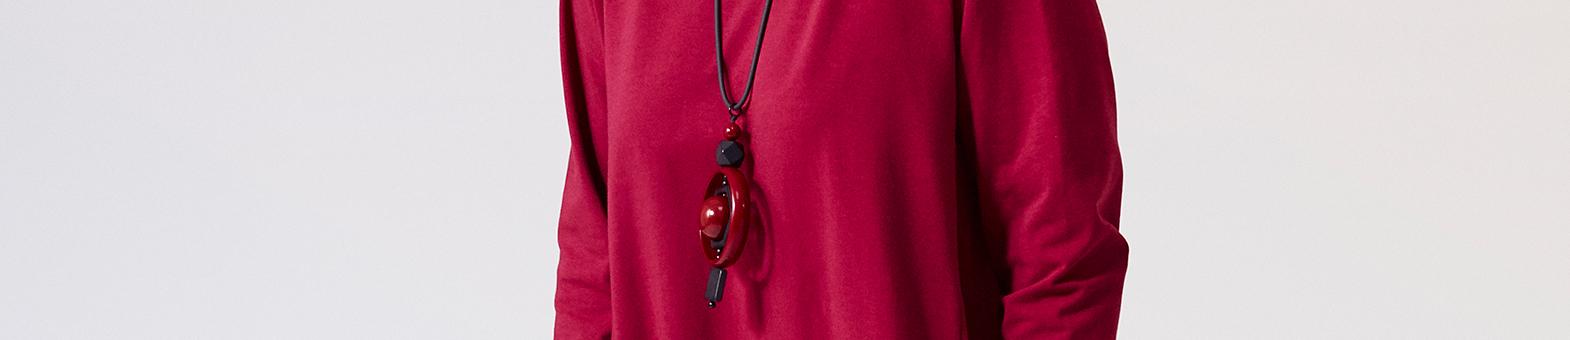 Fiorella Rubino accessori